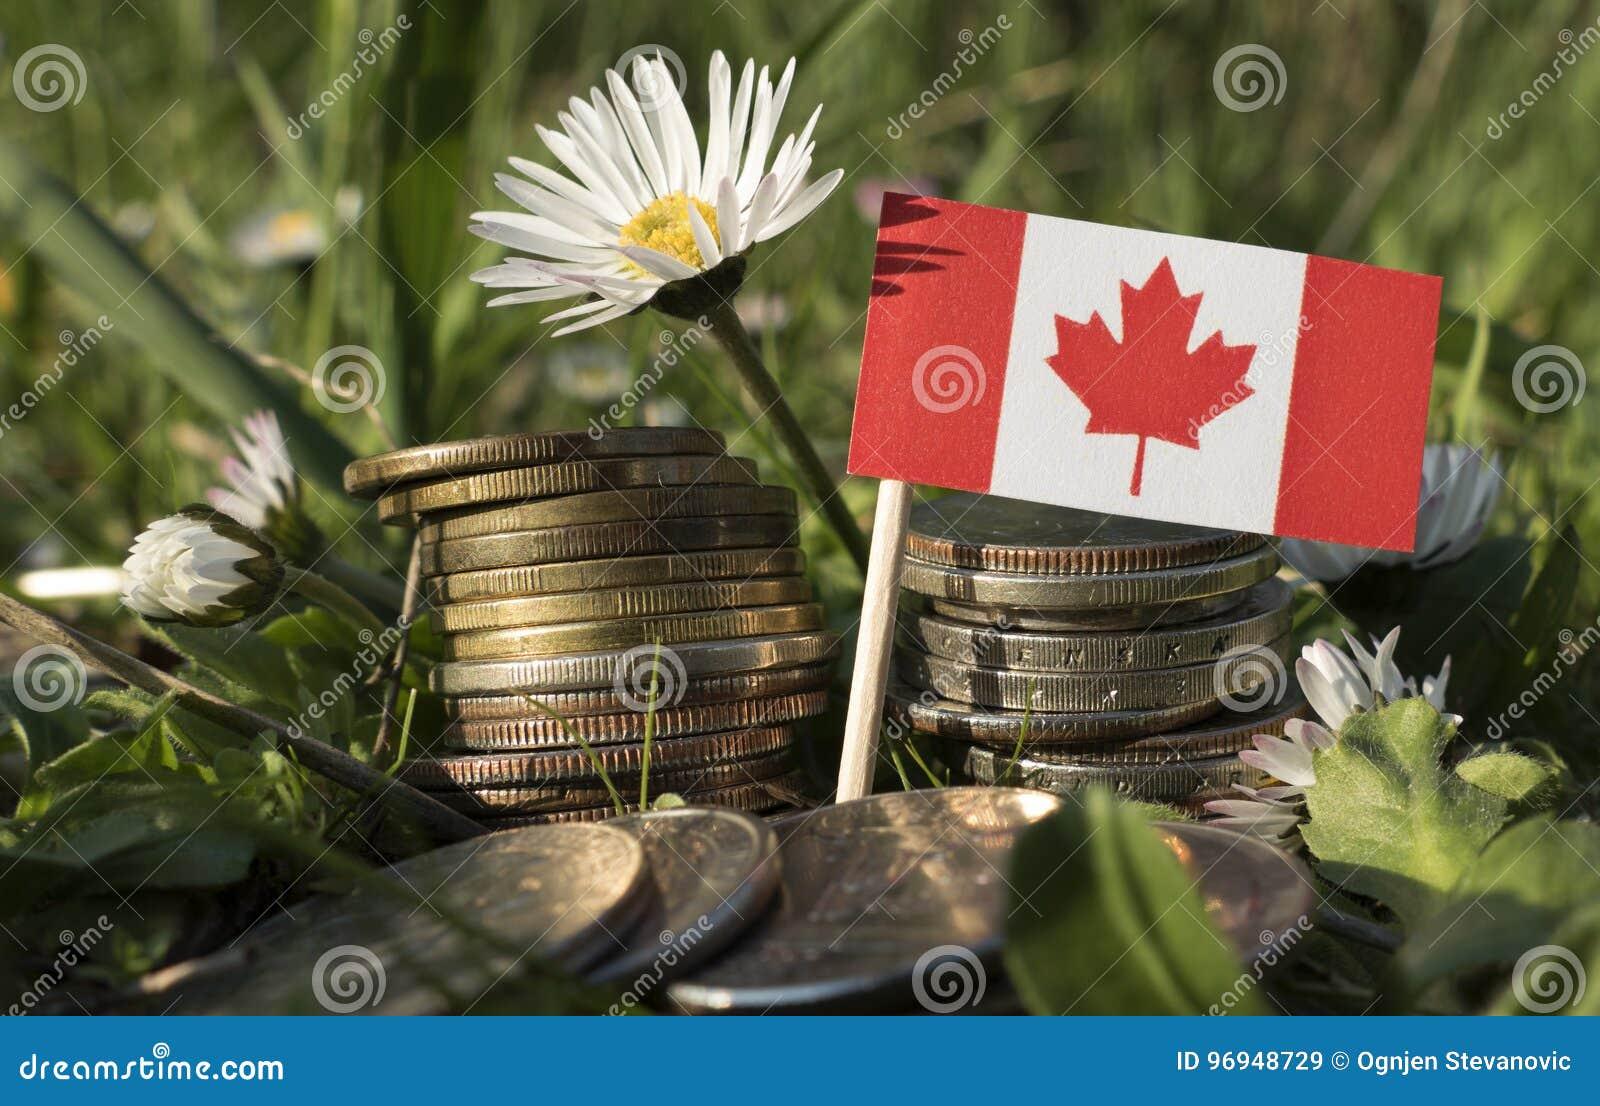 La bandiera canadese con la pila di soldi conia con erba